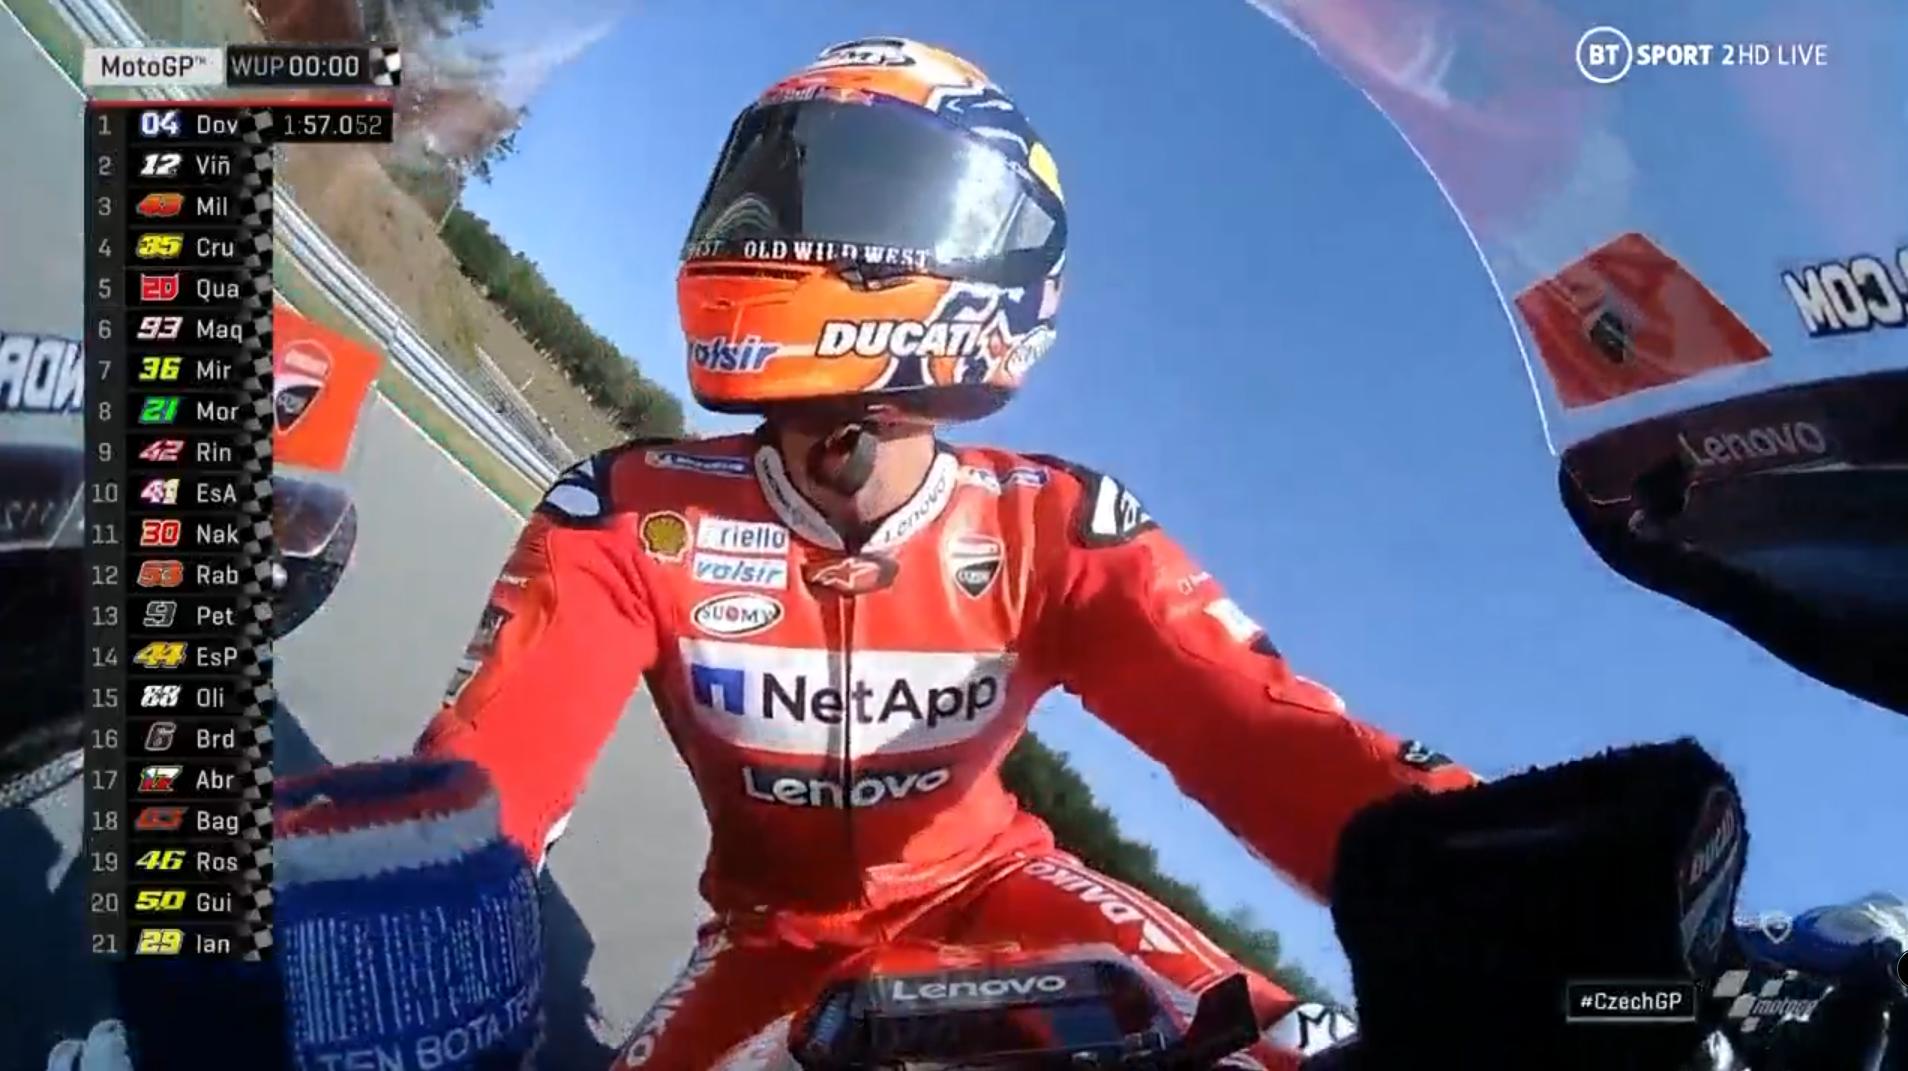 🏁🇨🇿  Czech GP Warmup: Dovizioso Back under Brno's Sun…